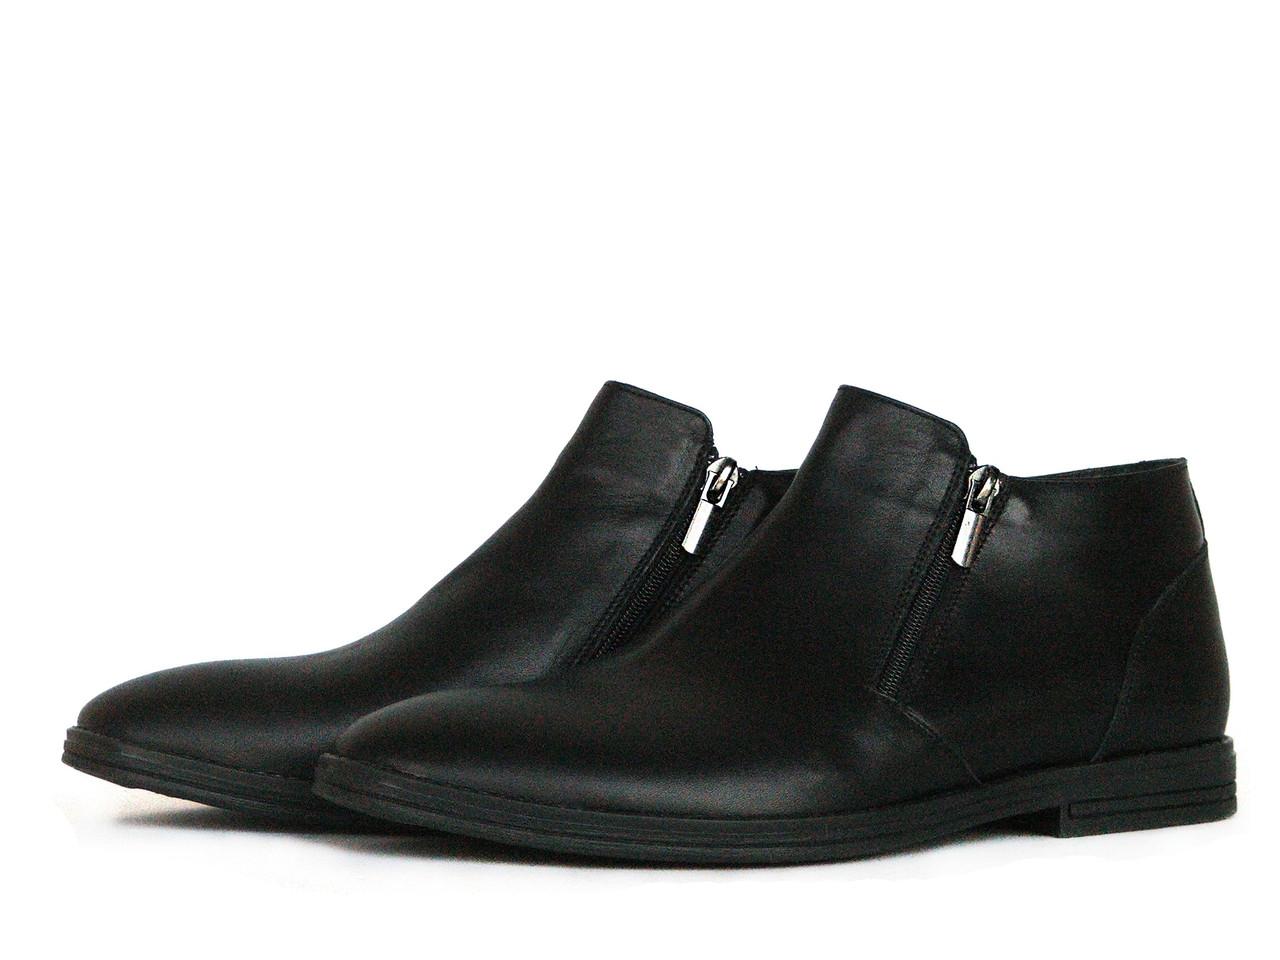 e2fffb62 Зимние классические ботинки мужские - купить по лучшей цене в ...